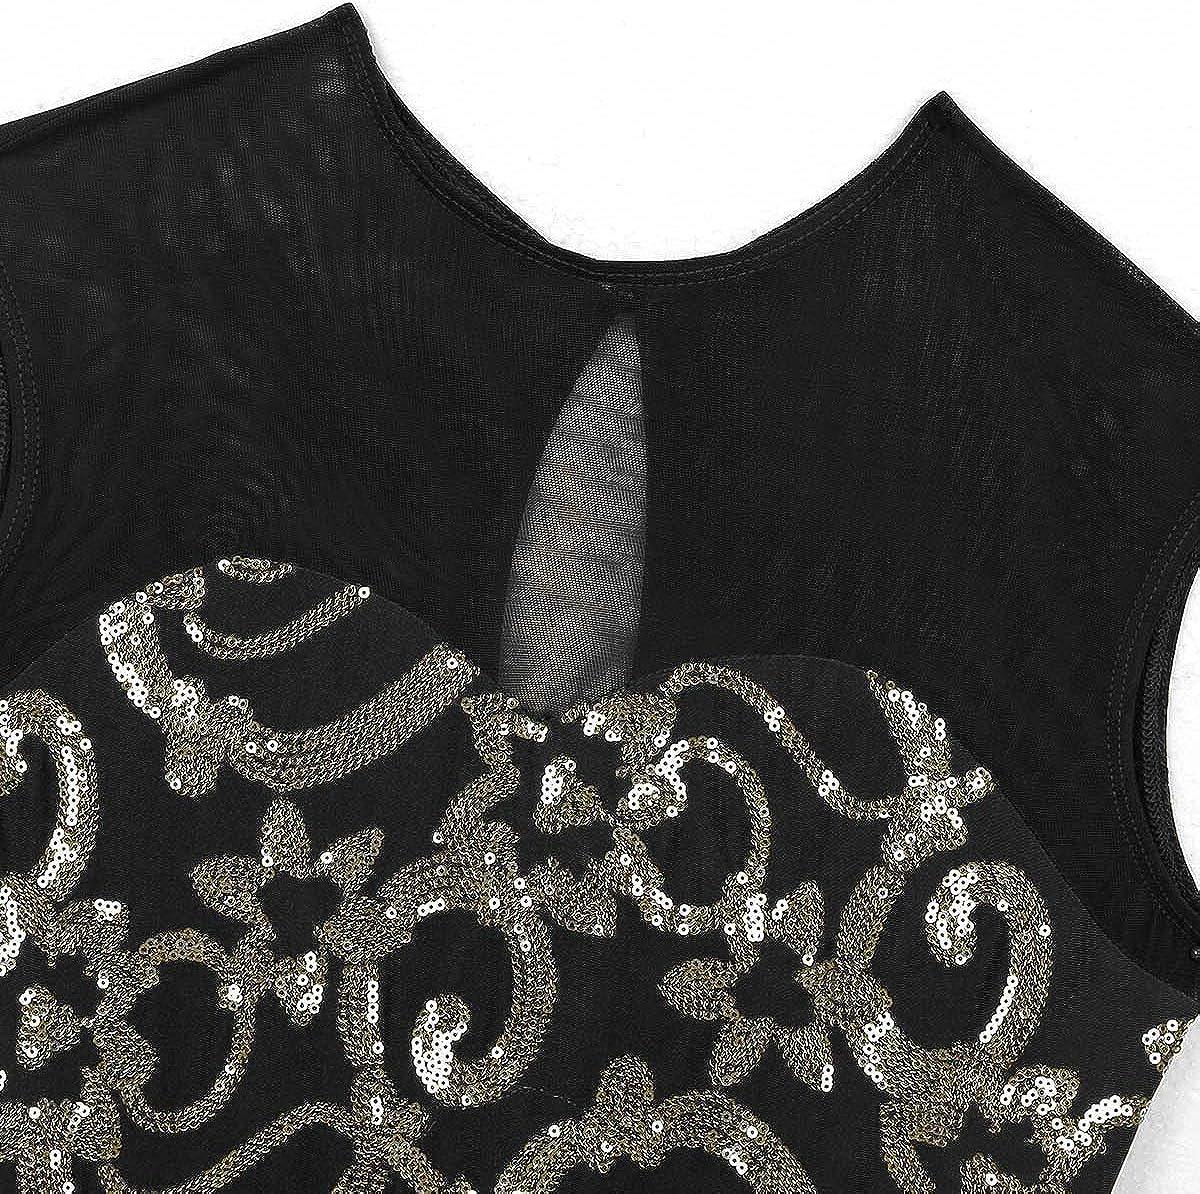 Tiaobug Donna e Ragazza Vestito da Ballo Jazz Balletto Danza Classica Leotard Body da Ginnastica Dancewear per Spettacolo Competizione Performance Abbigliamento Elegante